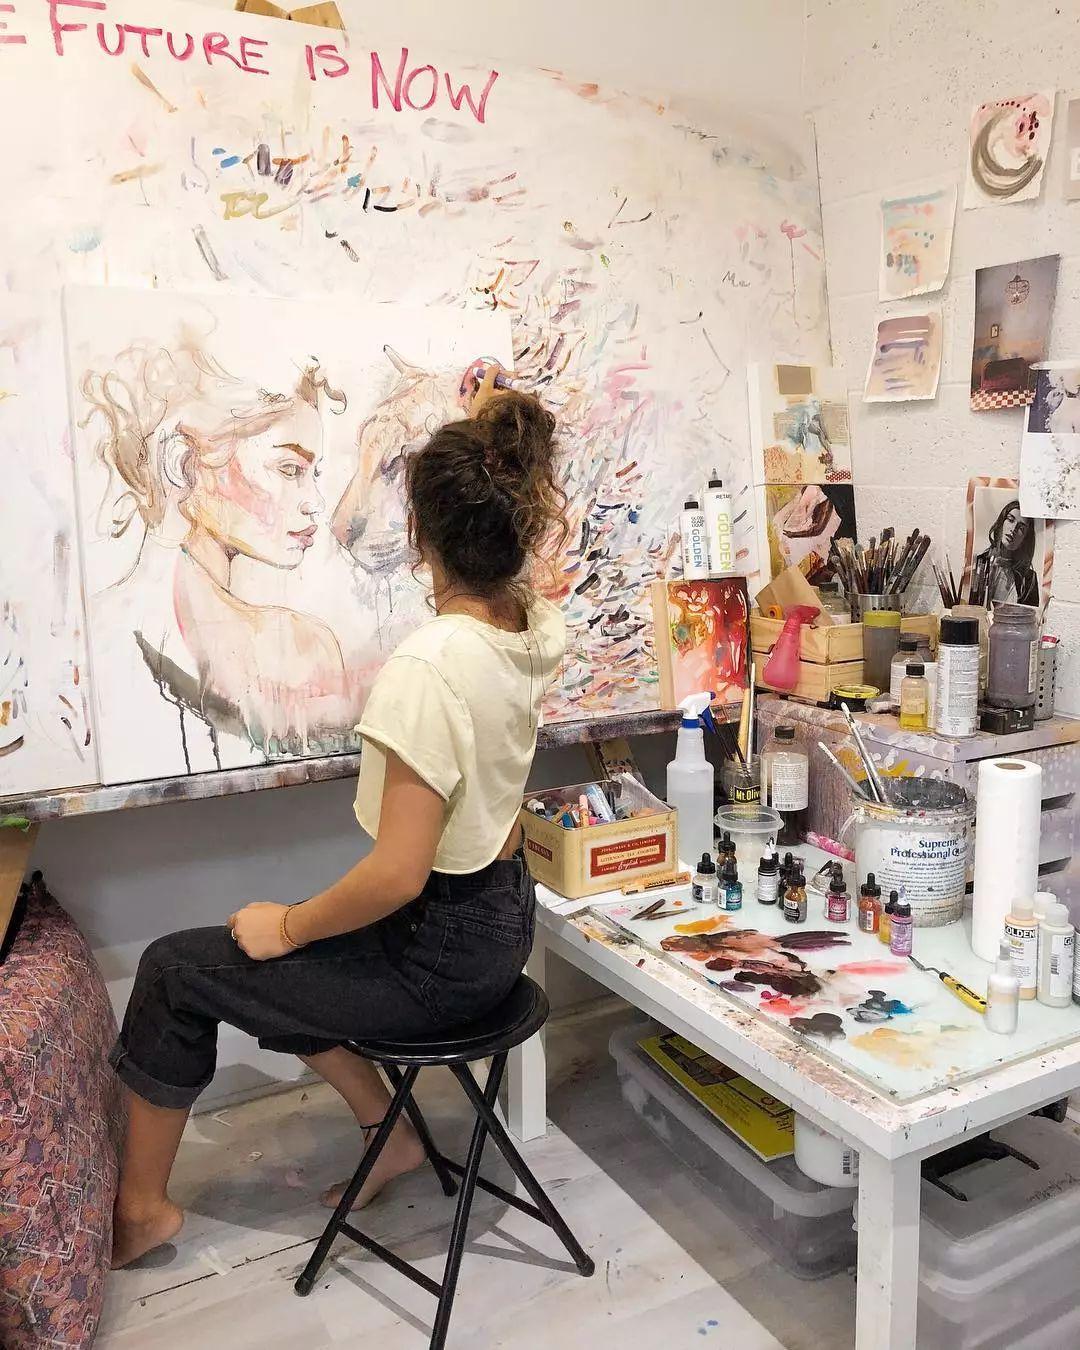 她没上过美院,画作却被世界各地的收藏家争相收藏,16岁卖画赚100万插图56